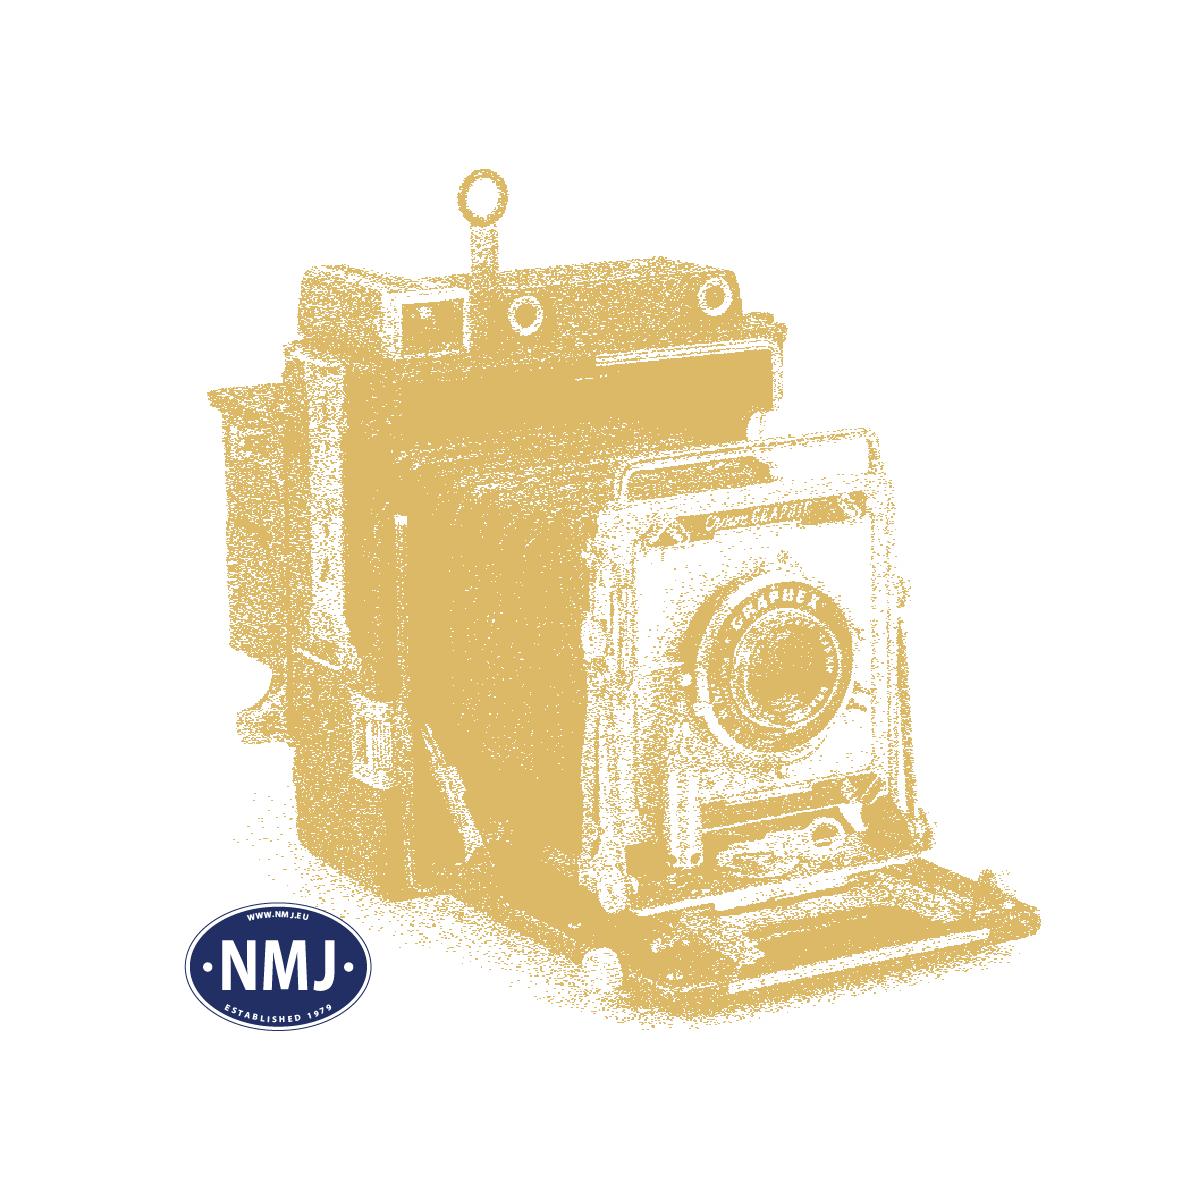 GODFFM-10 - Pusse-emne for Sandpapir, Rustfritt Stål, 10mm